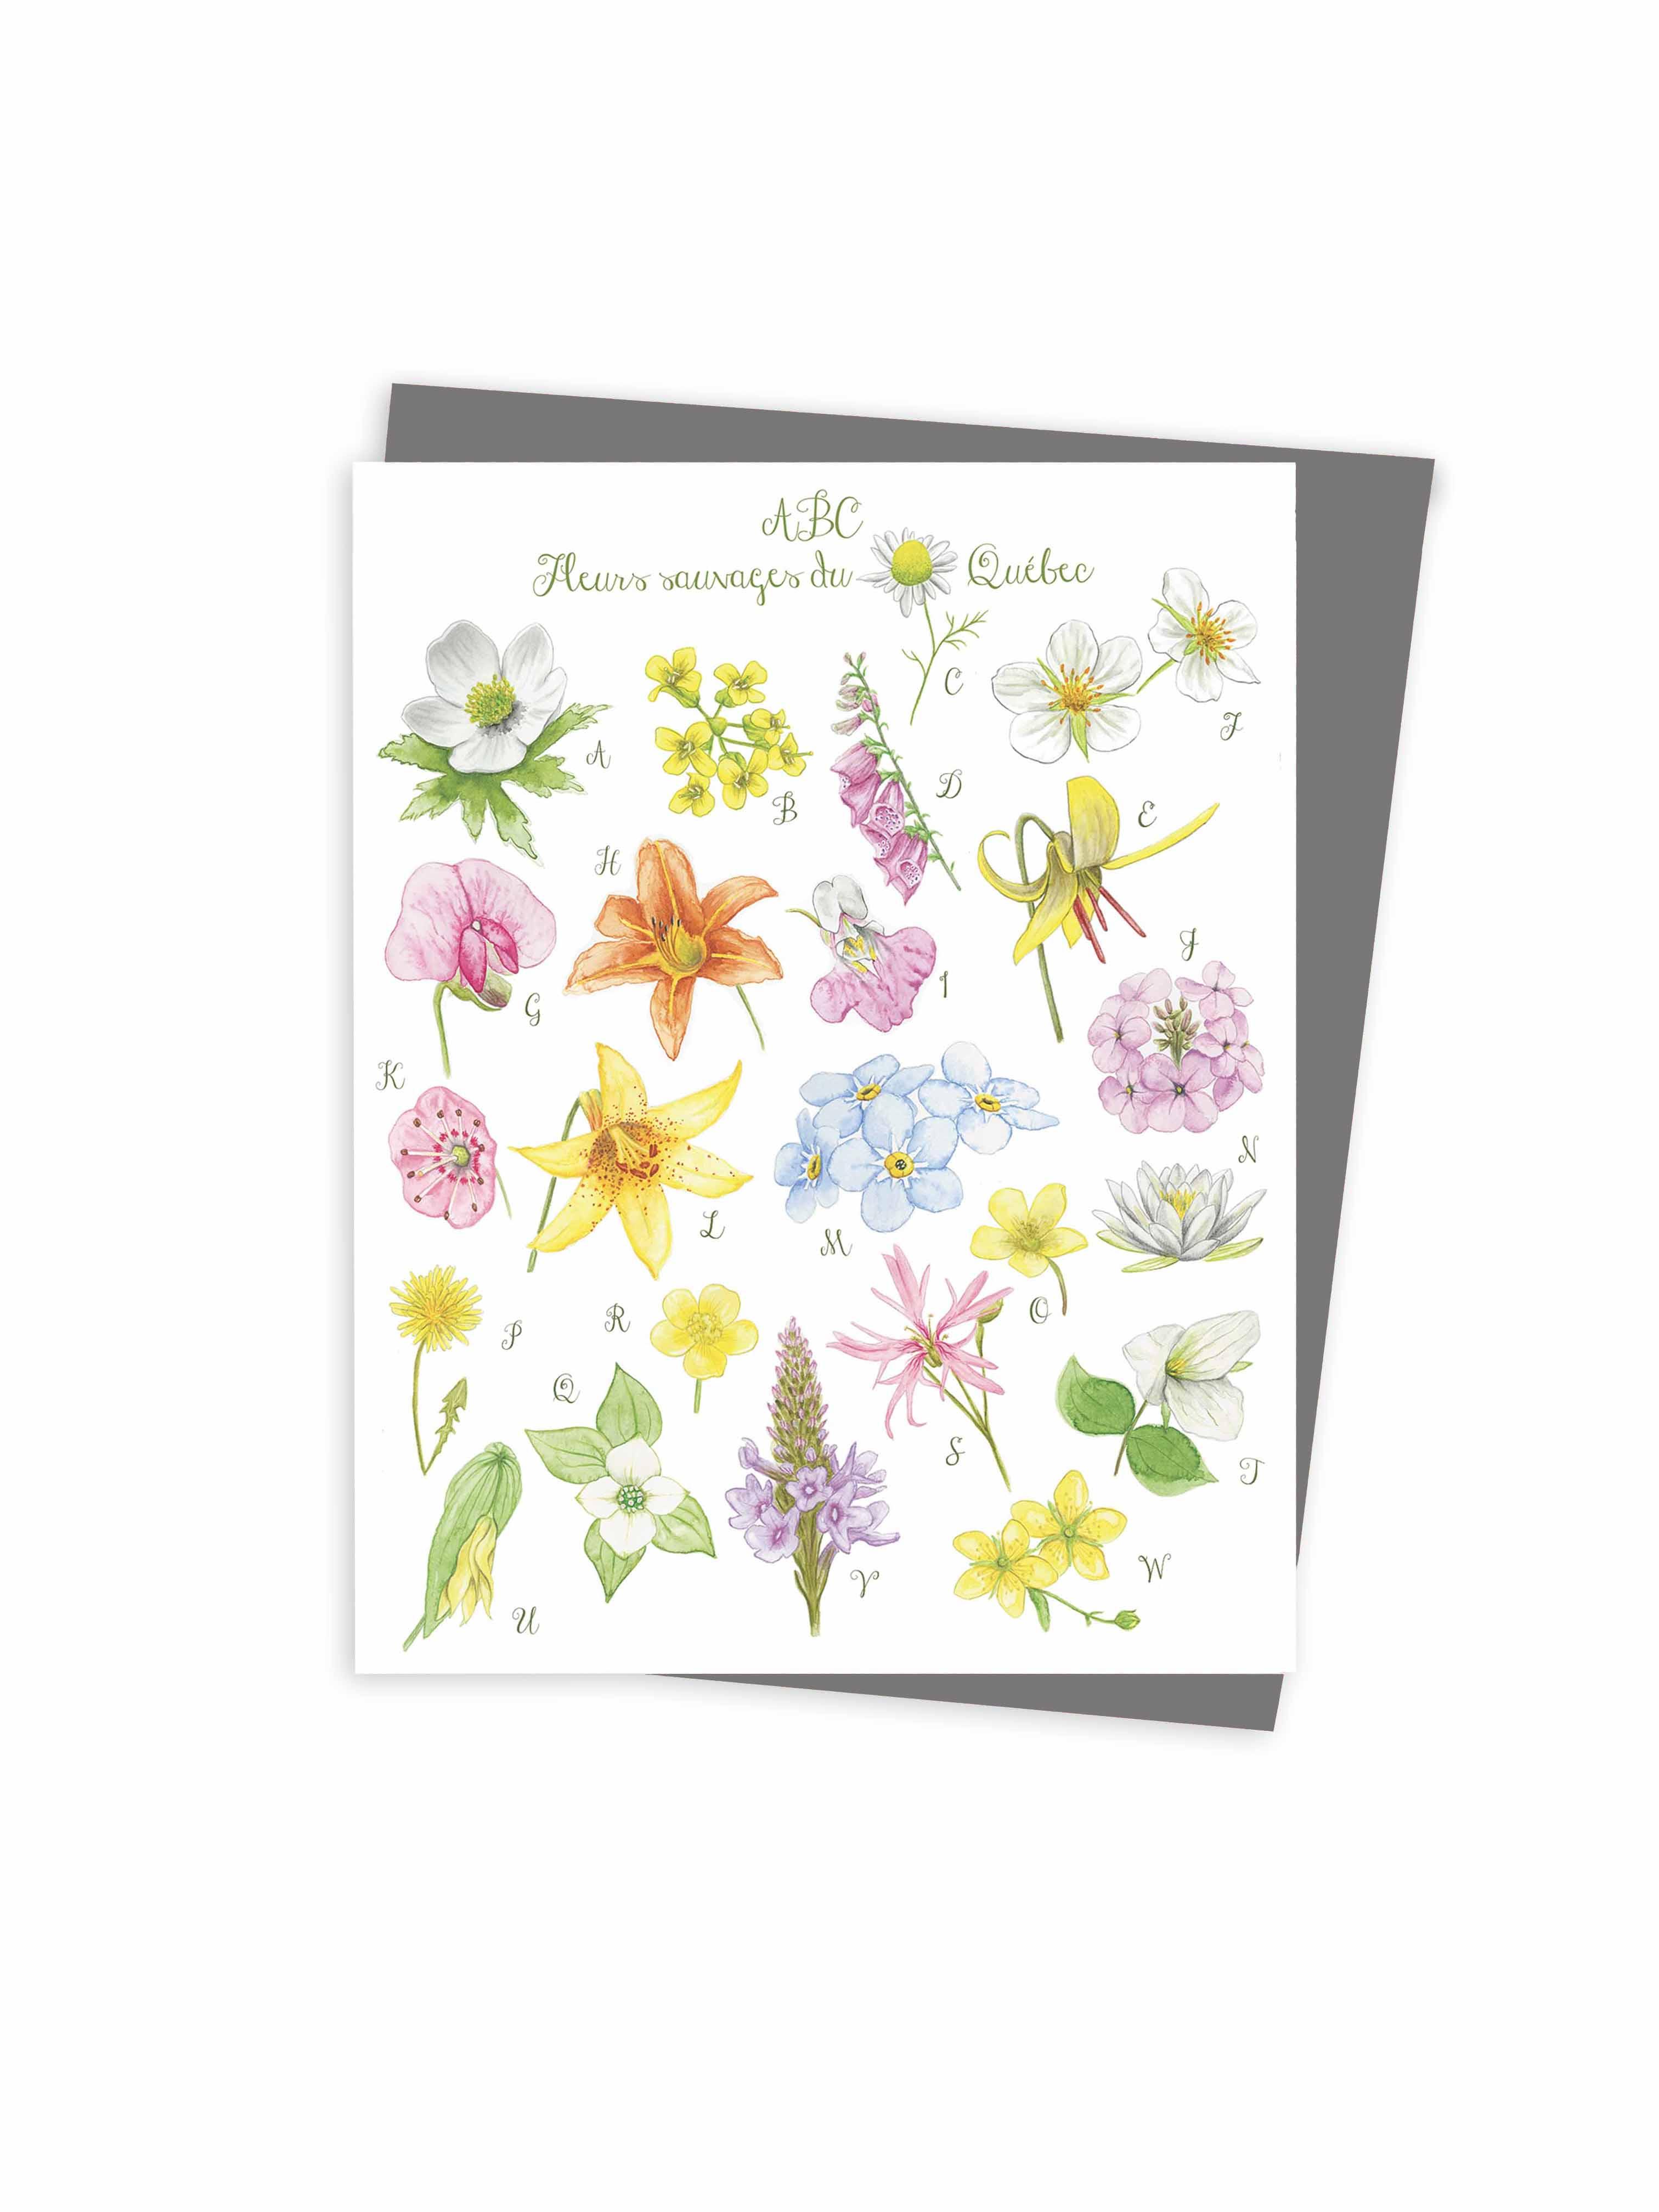 ABC wild flowers